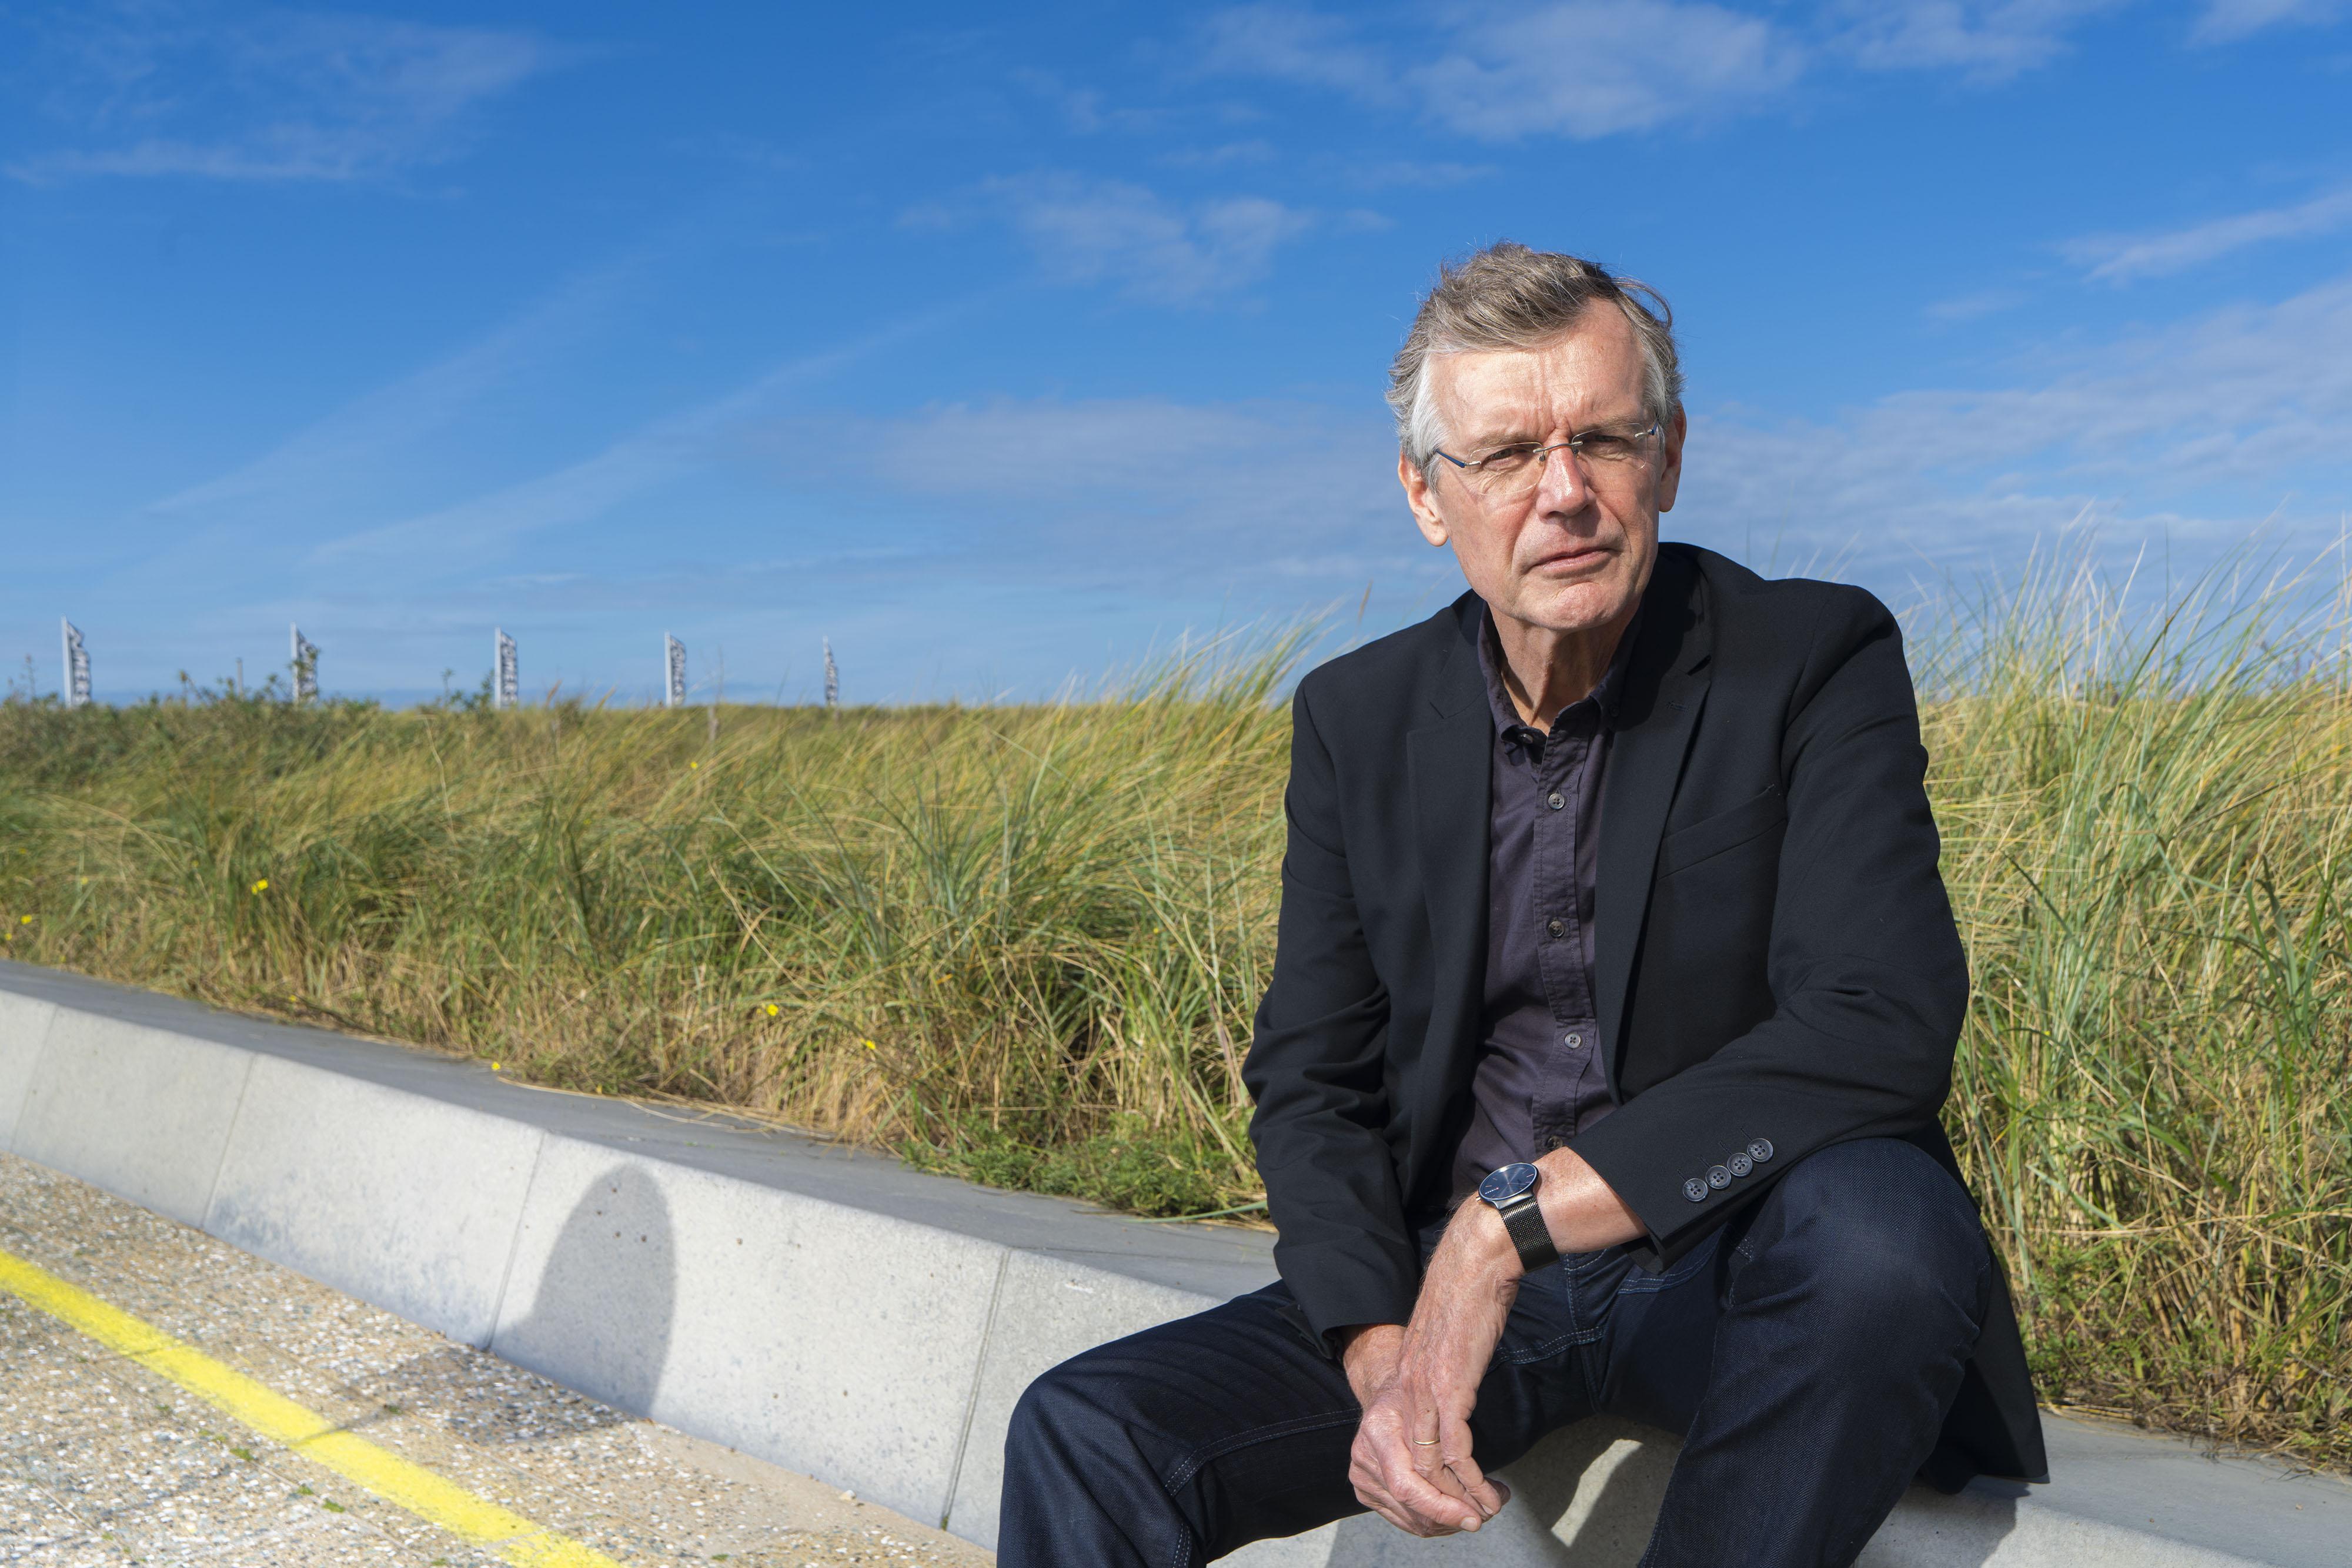 Katwijkse politicus Jaap Haasnoot strijdt voor rechtvaardigheid op landelijke kandidatenlijst 50Plus: 'Ik ben een beetje een idealist, vrees ik'